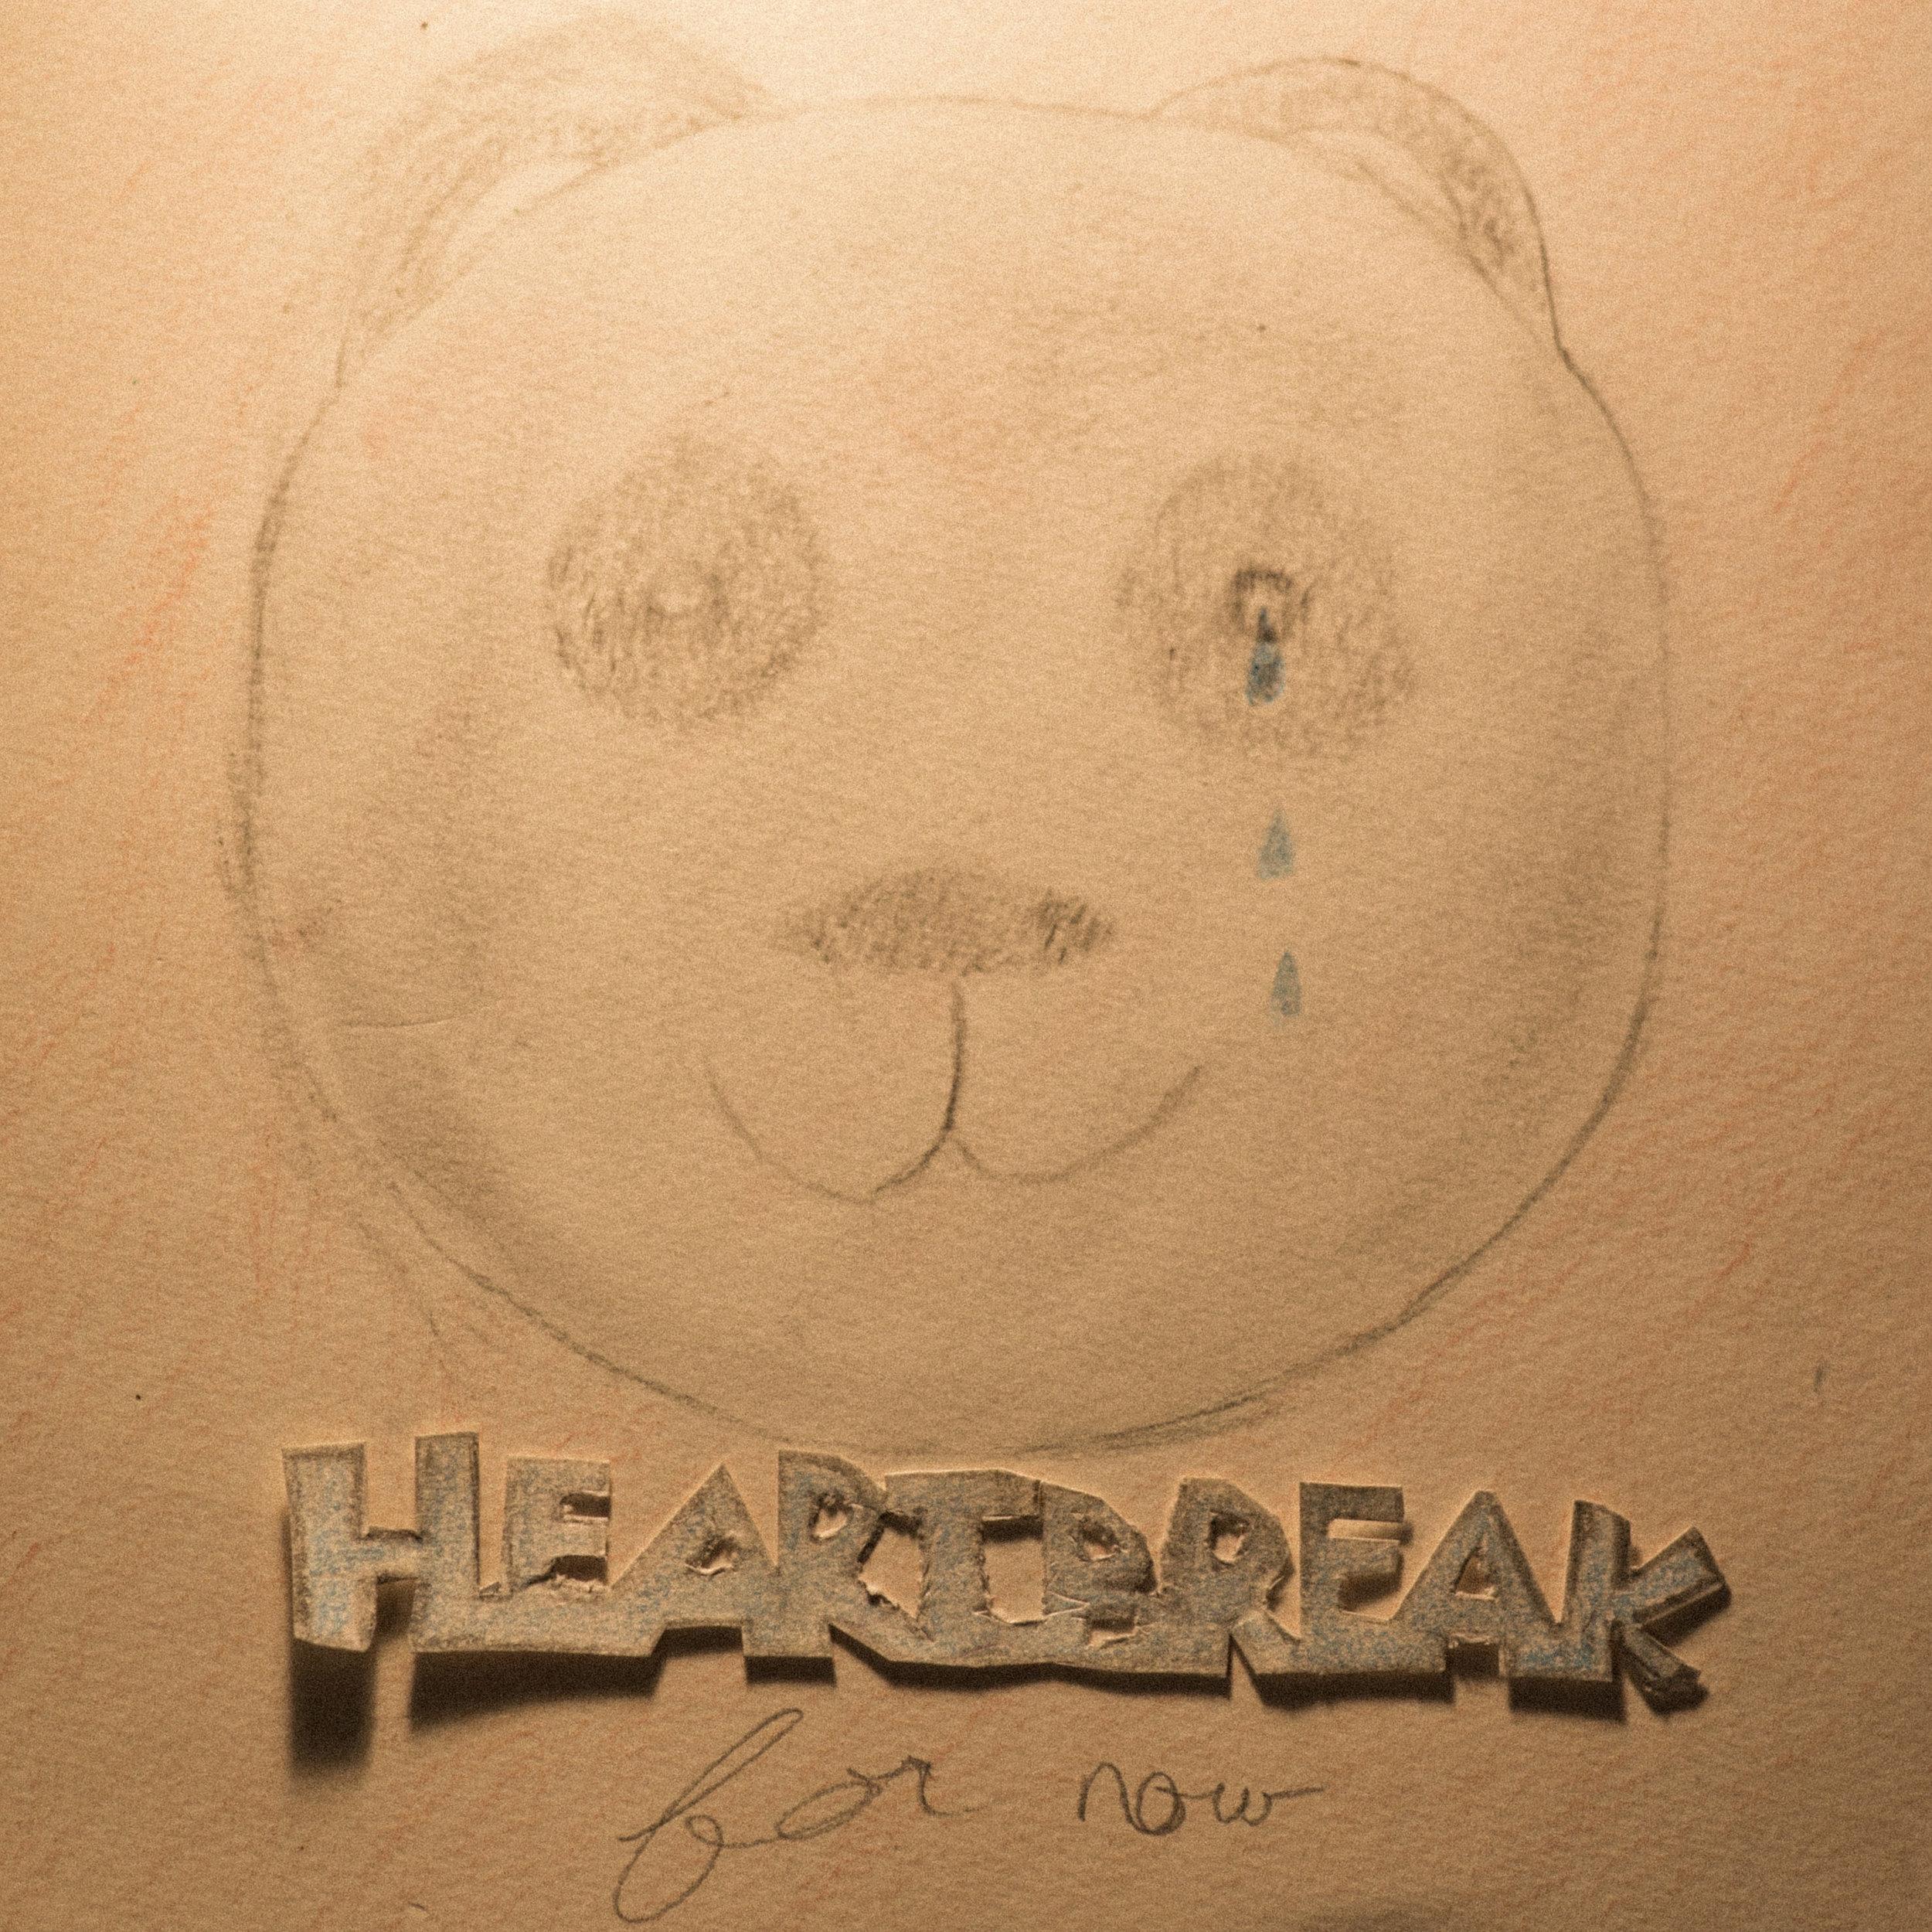 HEARTBREAK_for_now_Square.jpg